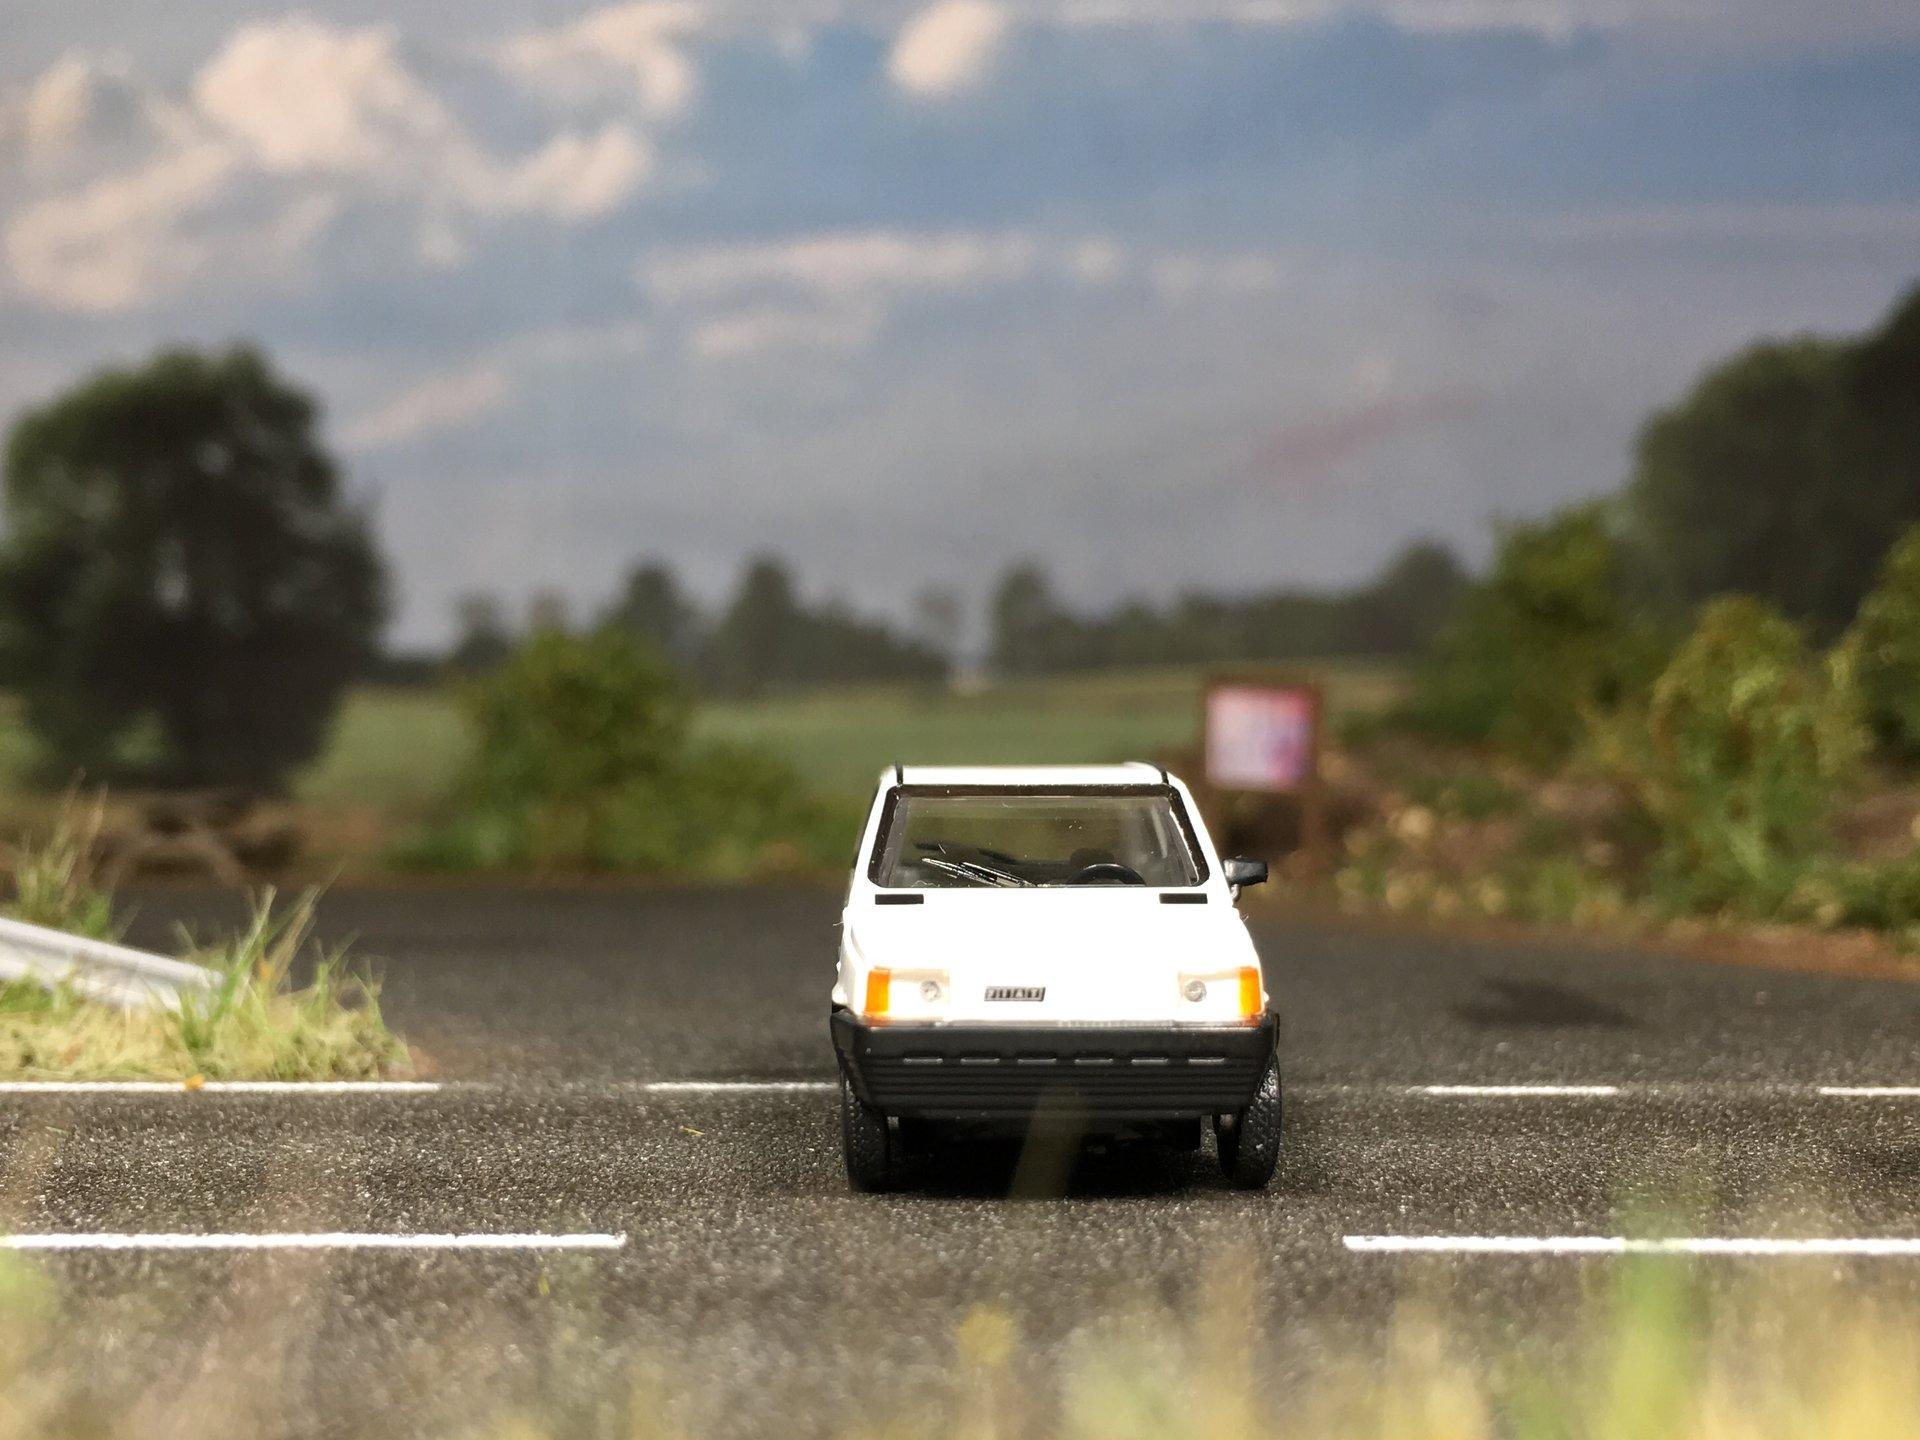 Fiat Panda 004.jpg